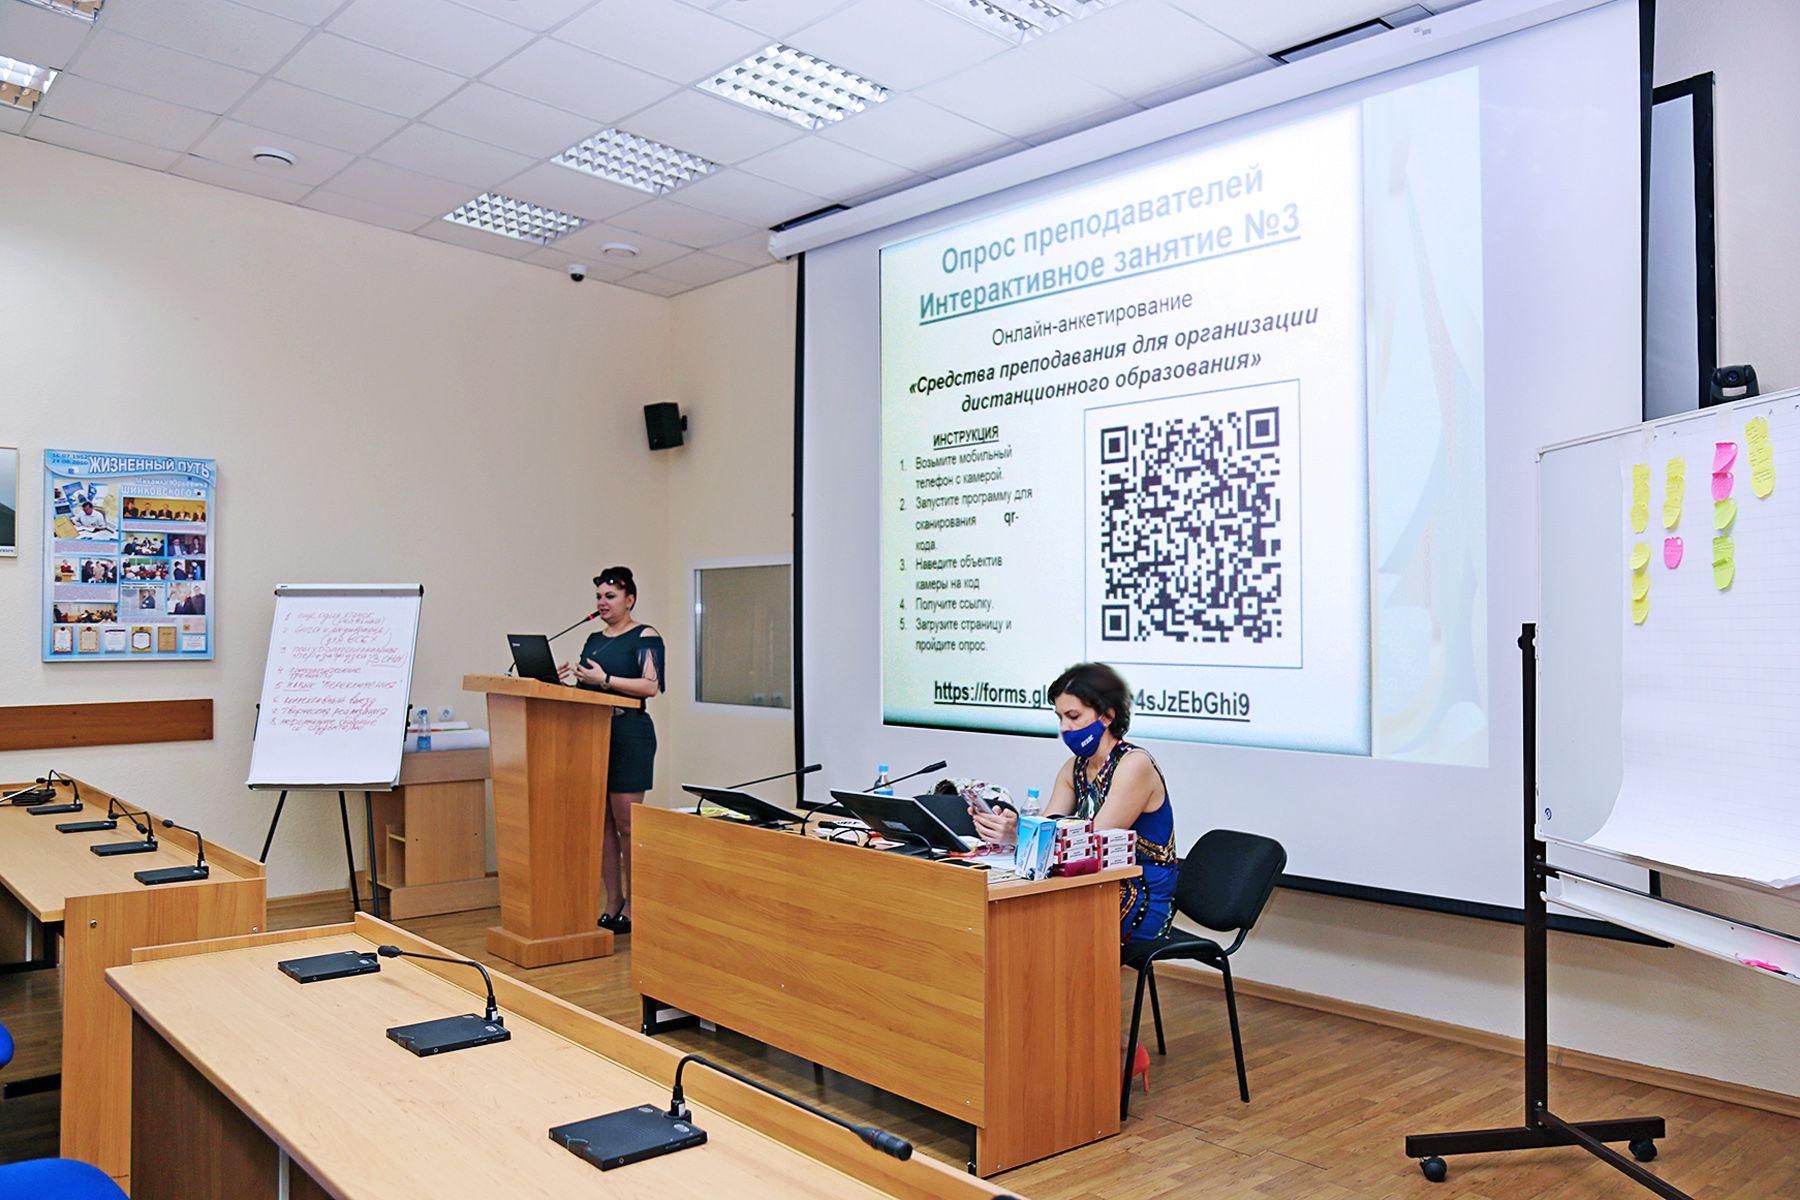 Преподаватели ВГУЭС повысили профессиональную мобильность и освоили новые образовательные технологии